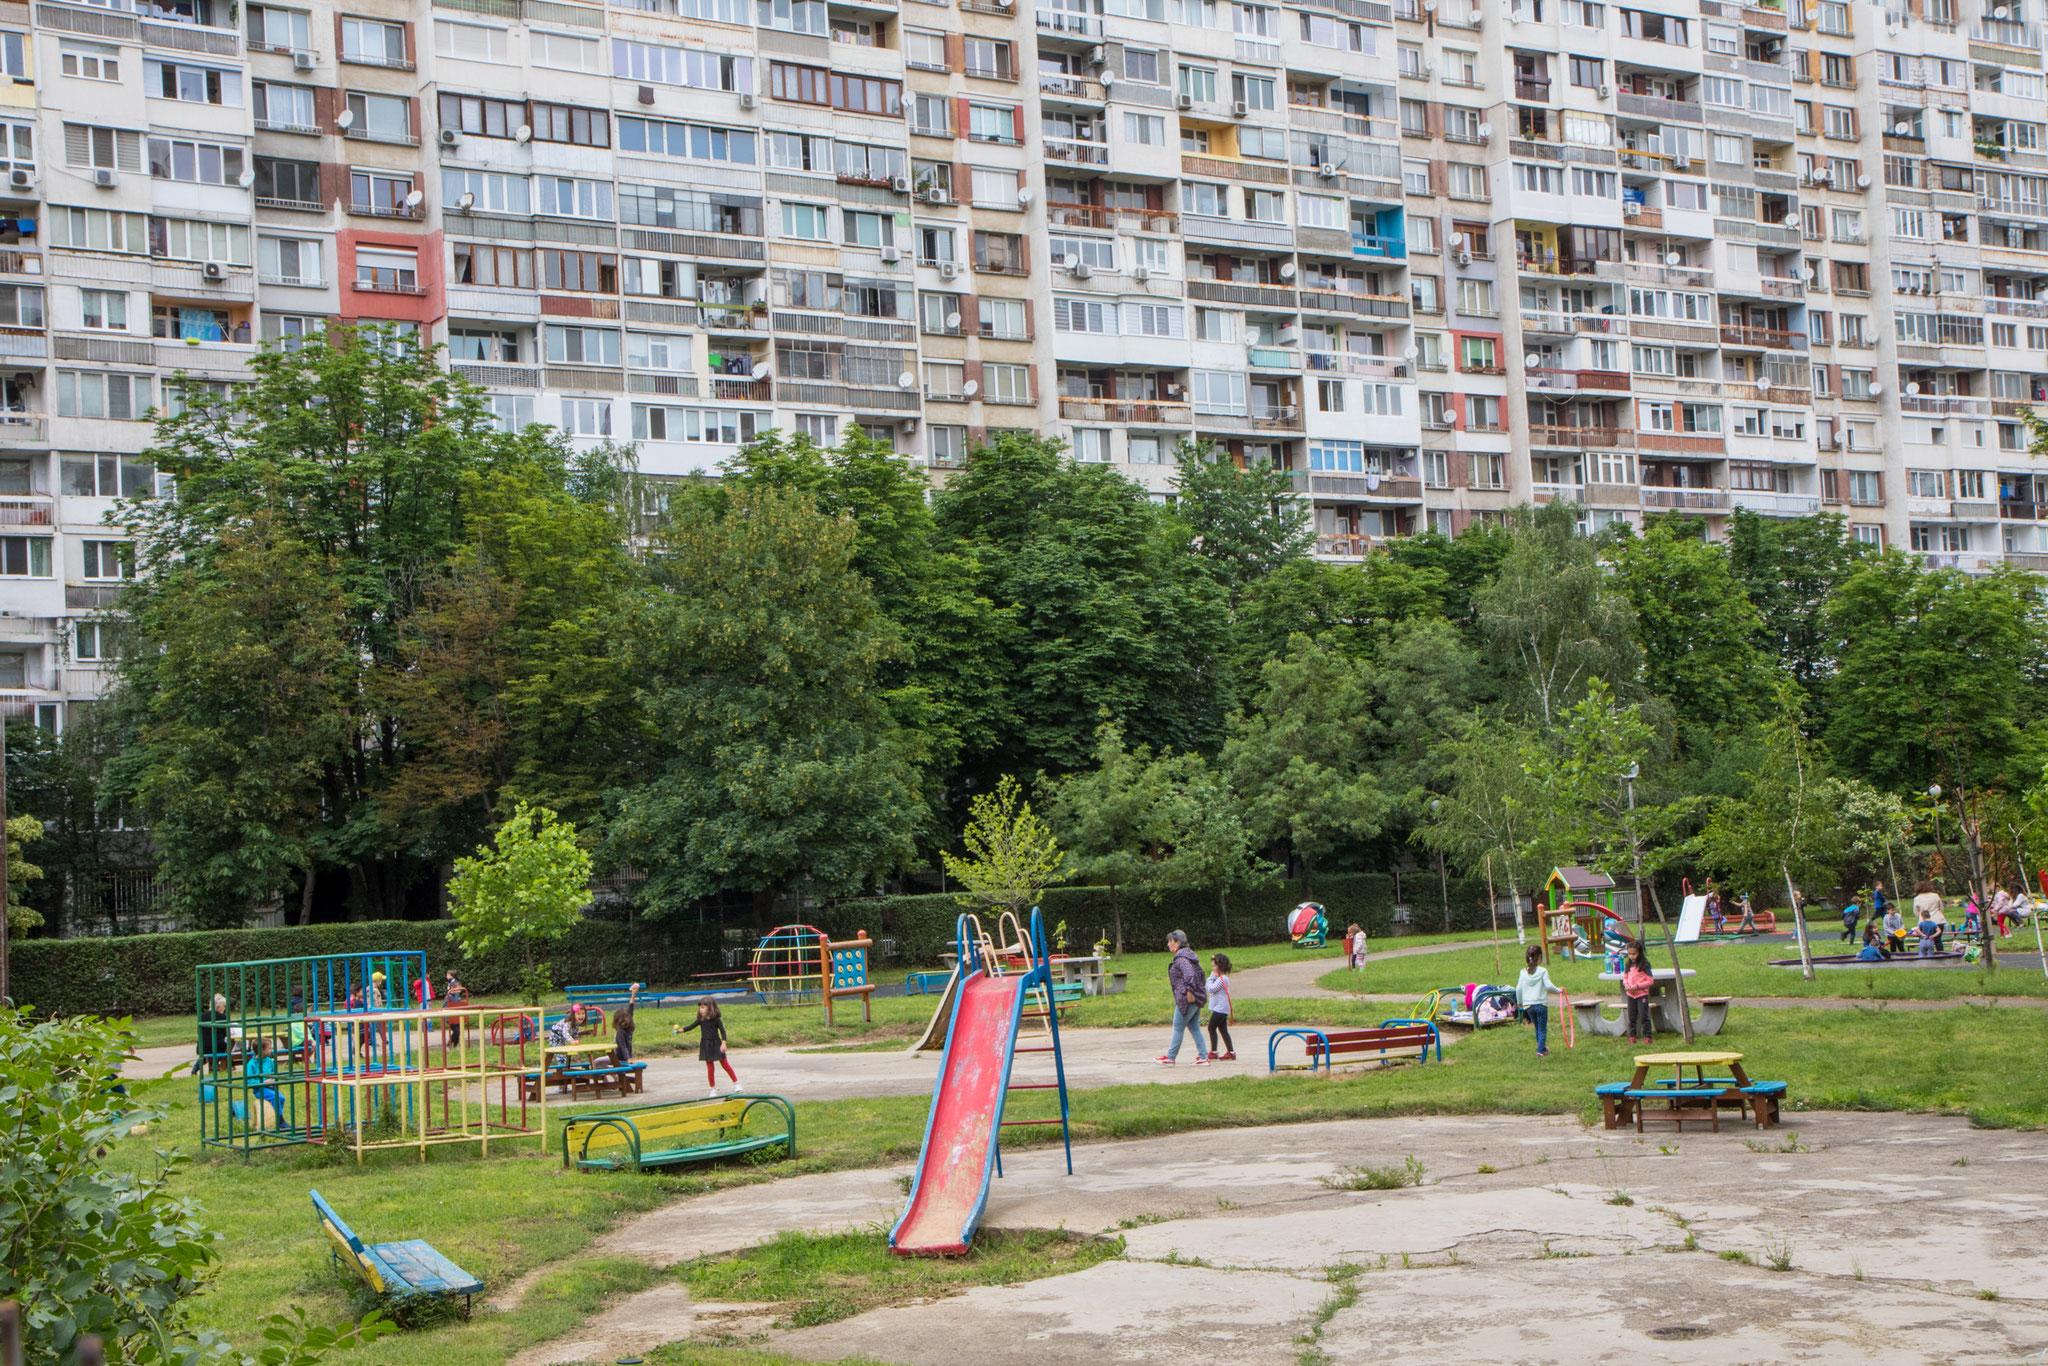 Playground in Sofia, Bulgaria